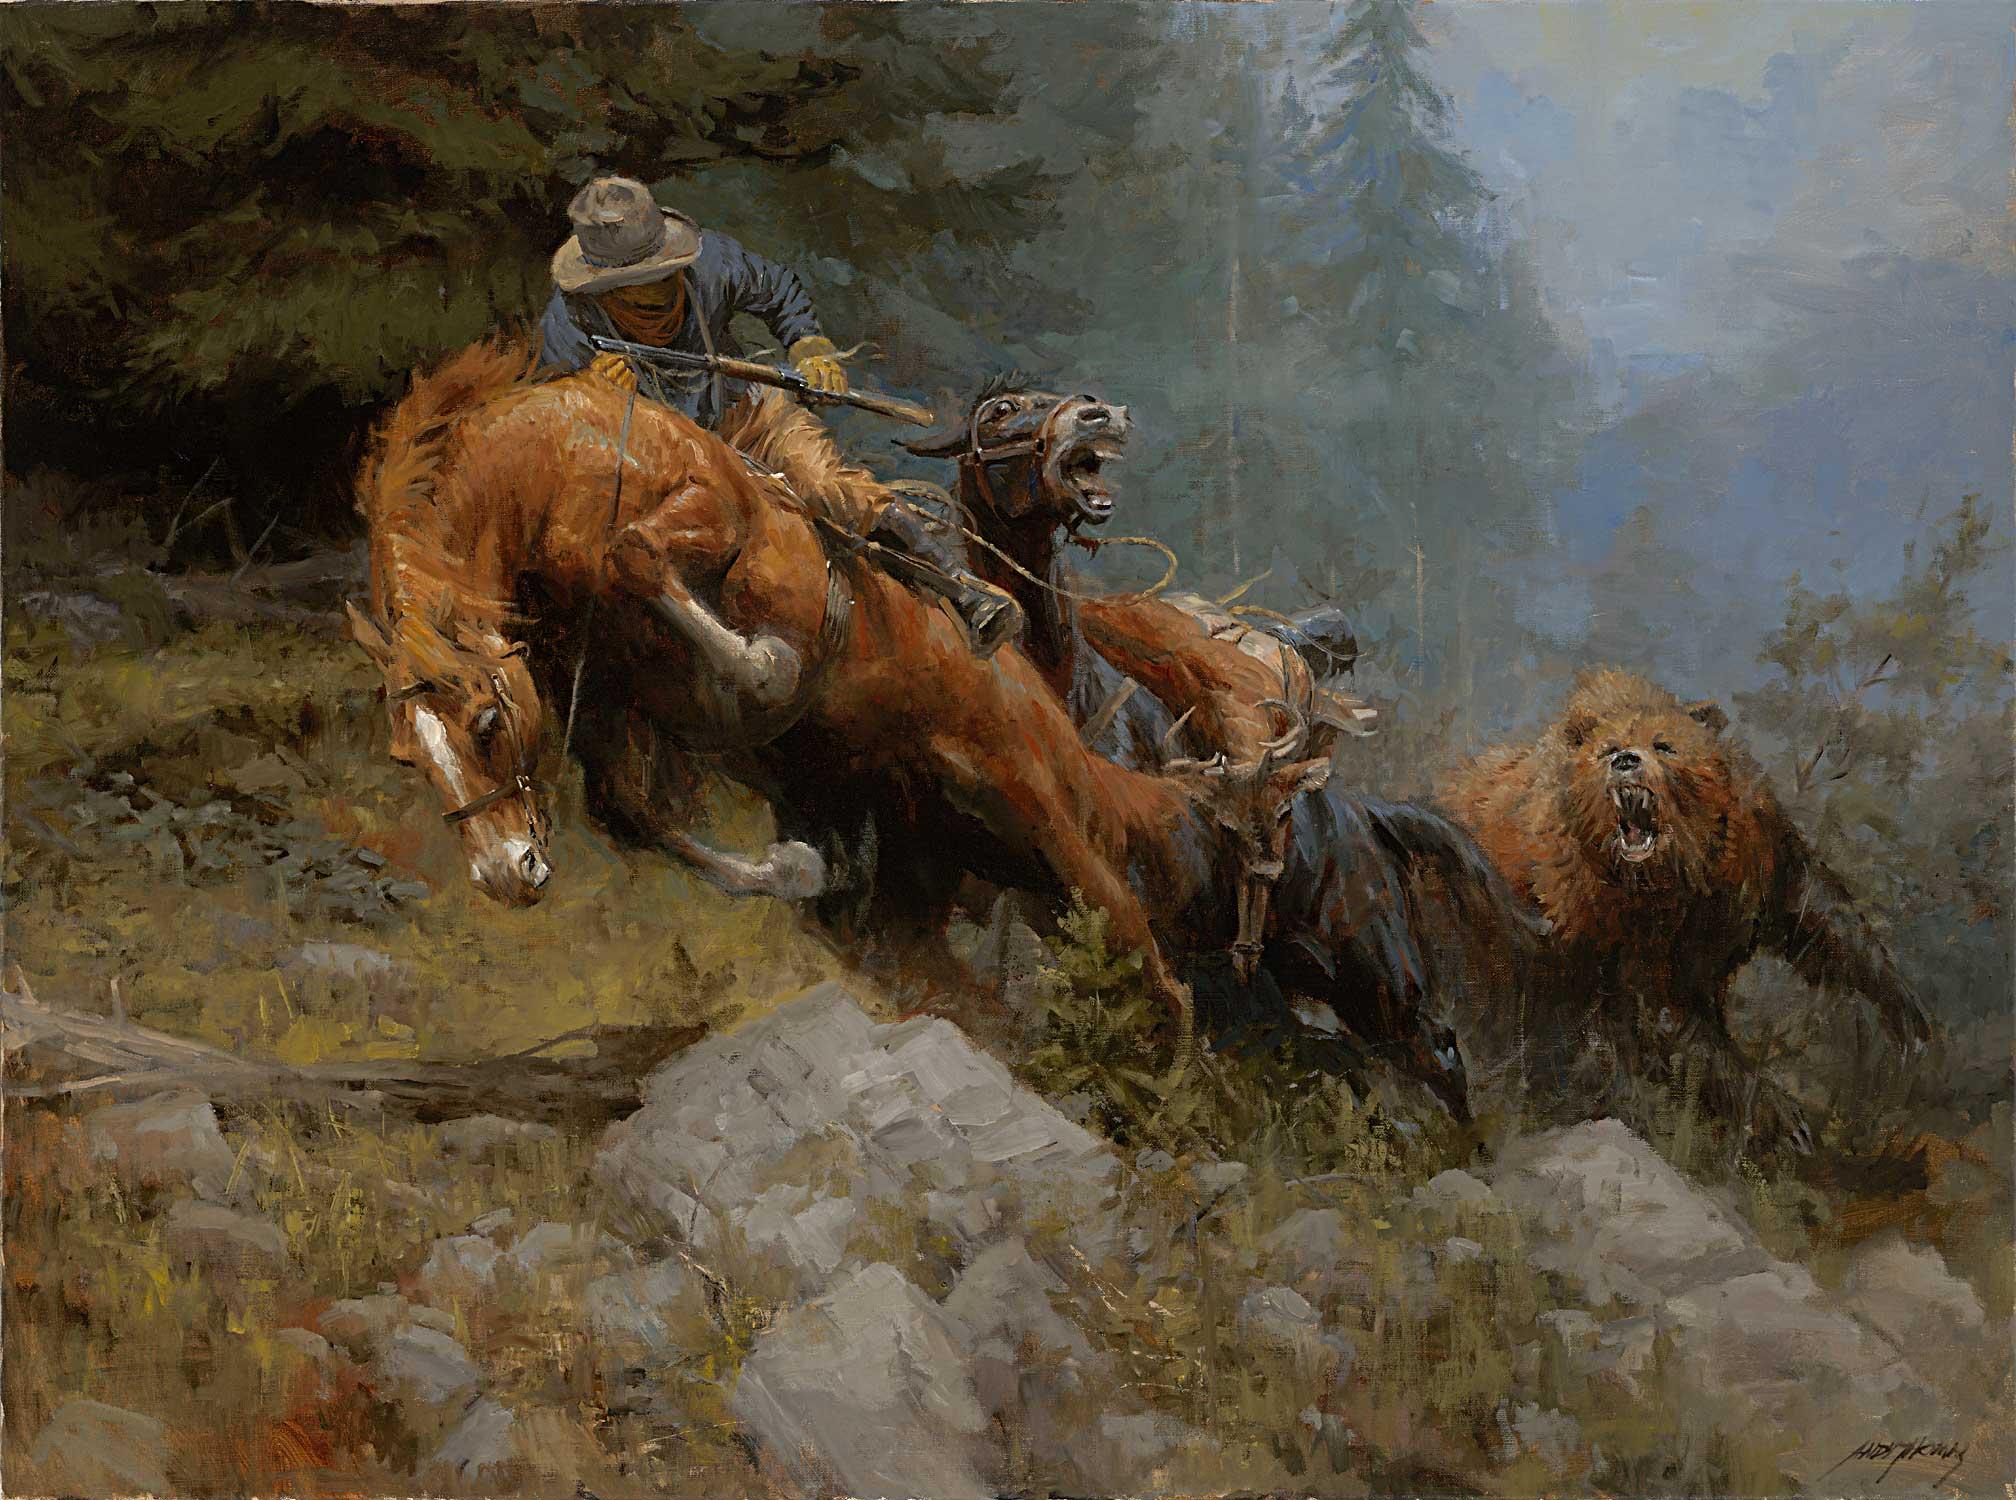 wild west wallpaper - photo #35